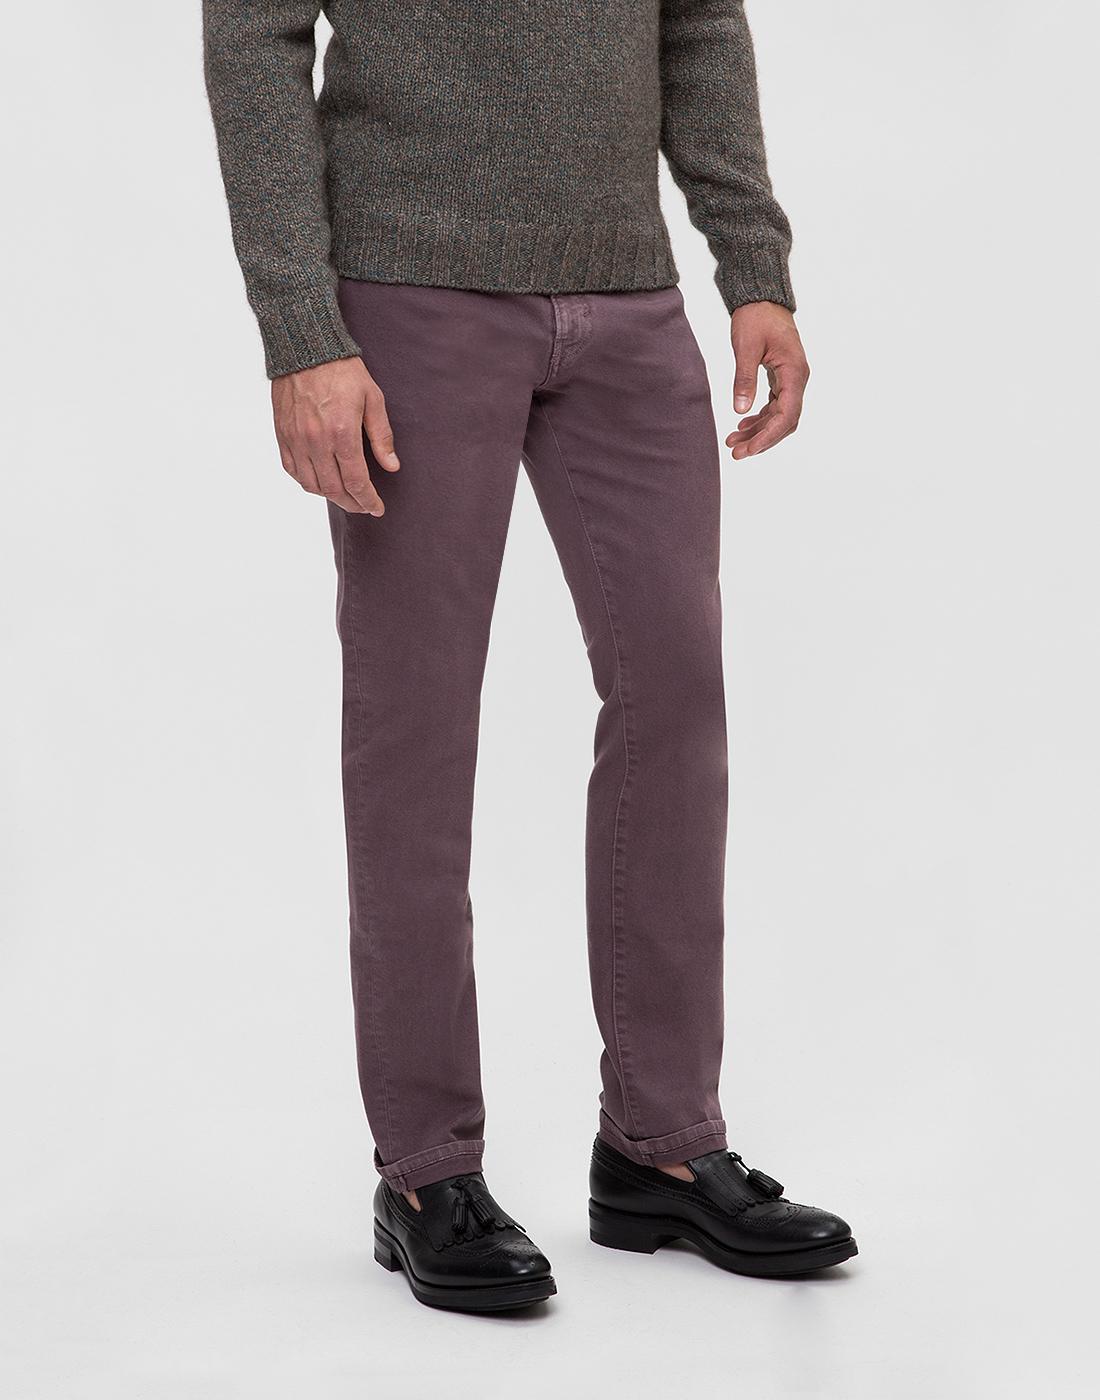 Мужские светло-фиолетовые джинсы PT SOA12 0786-3